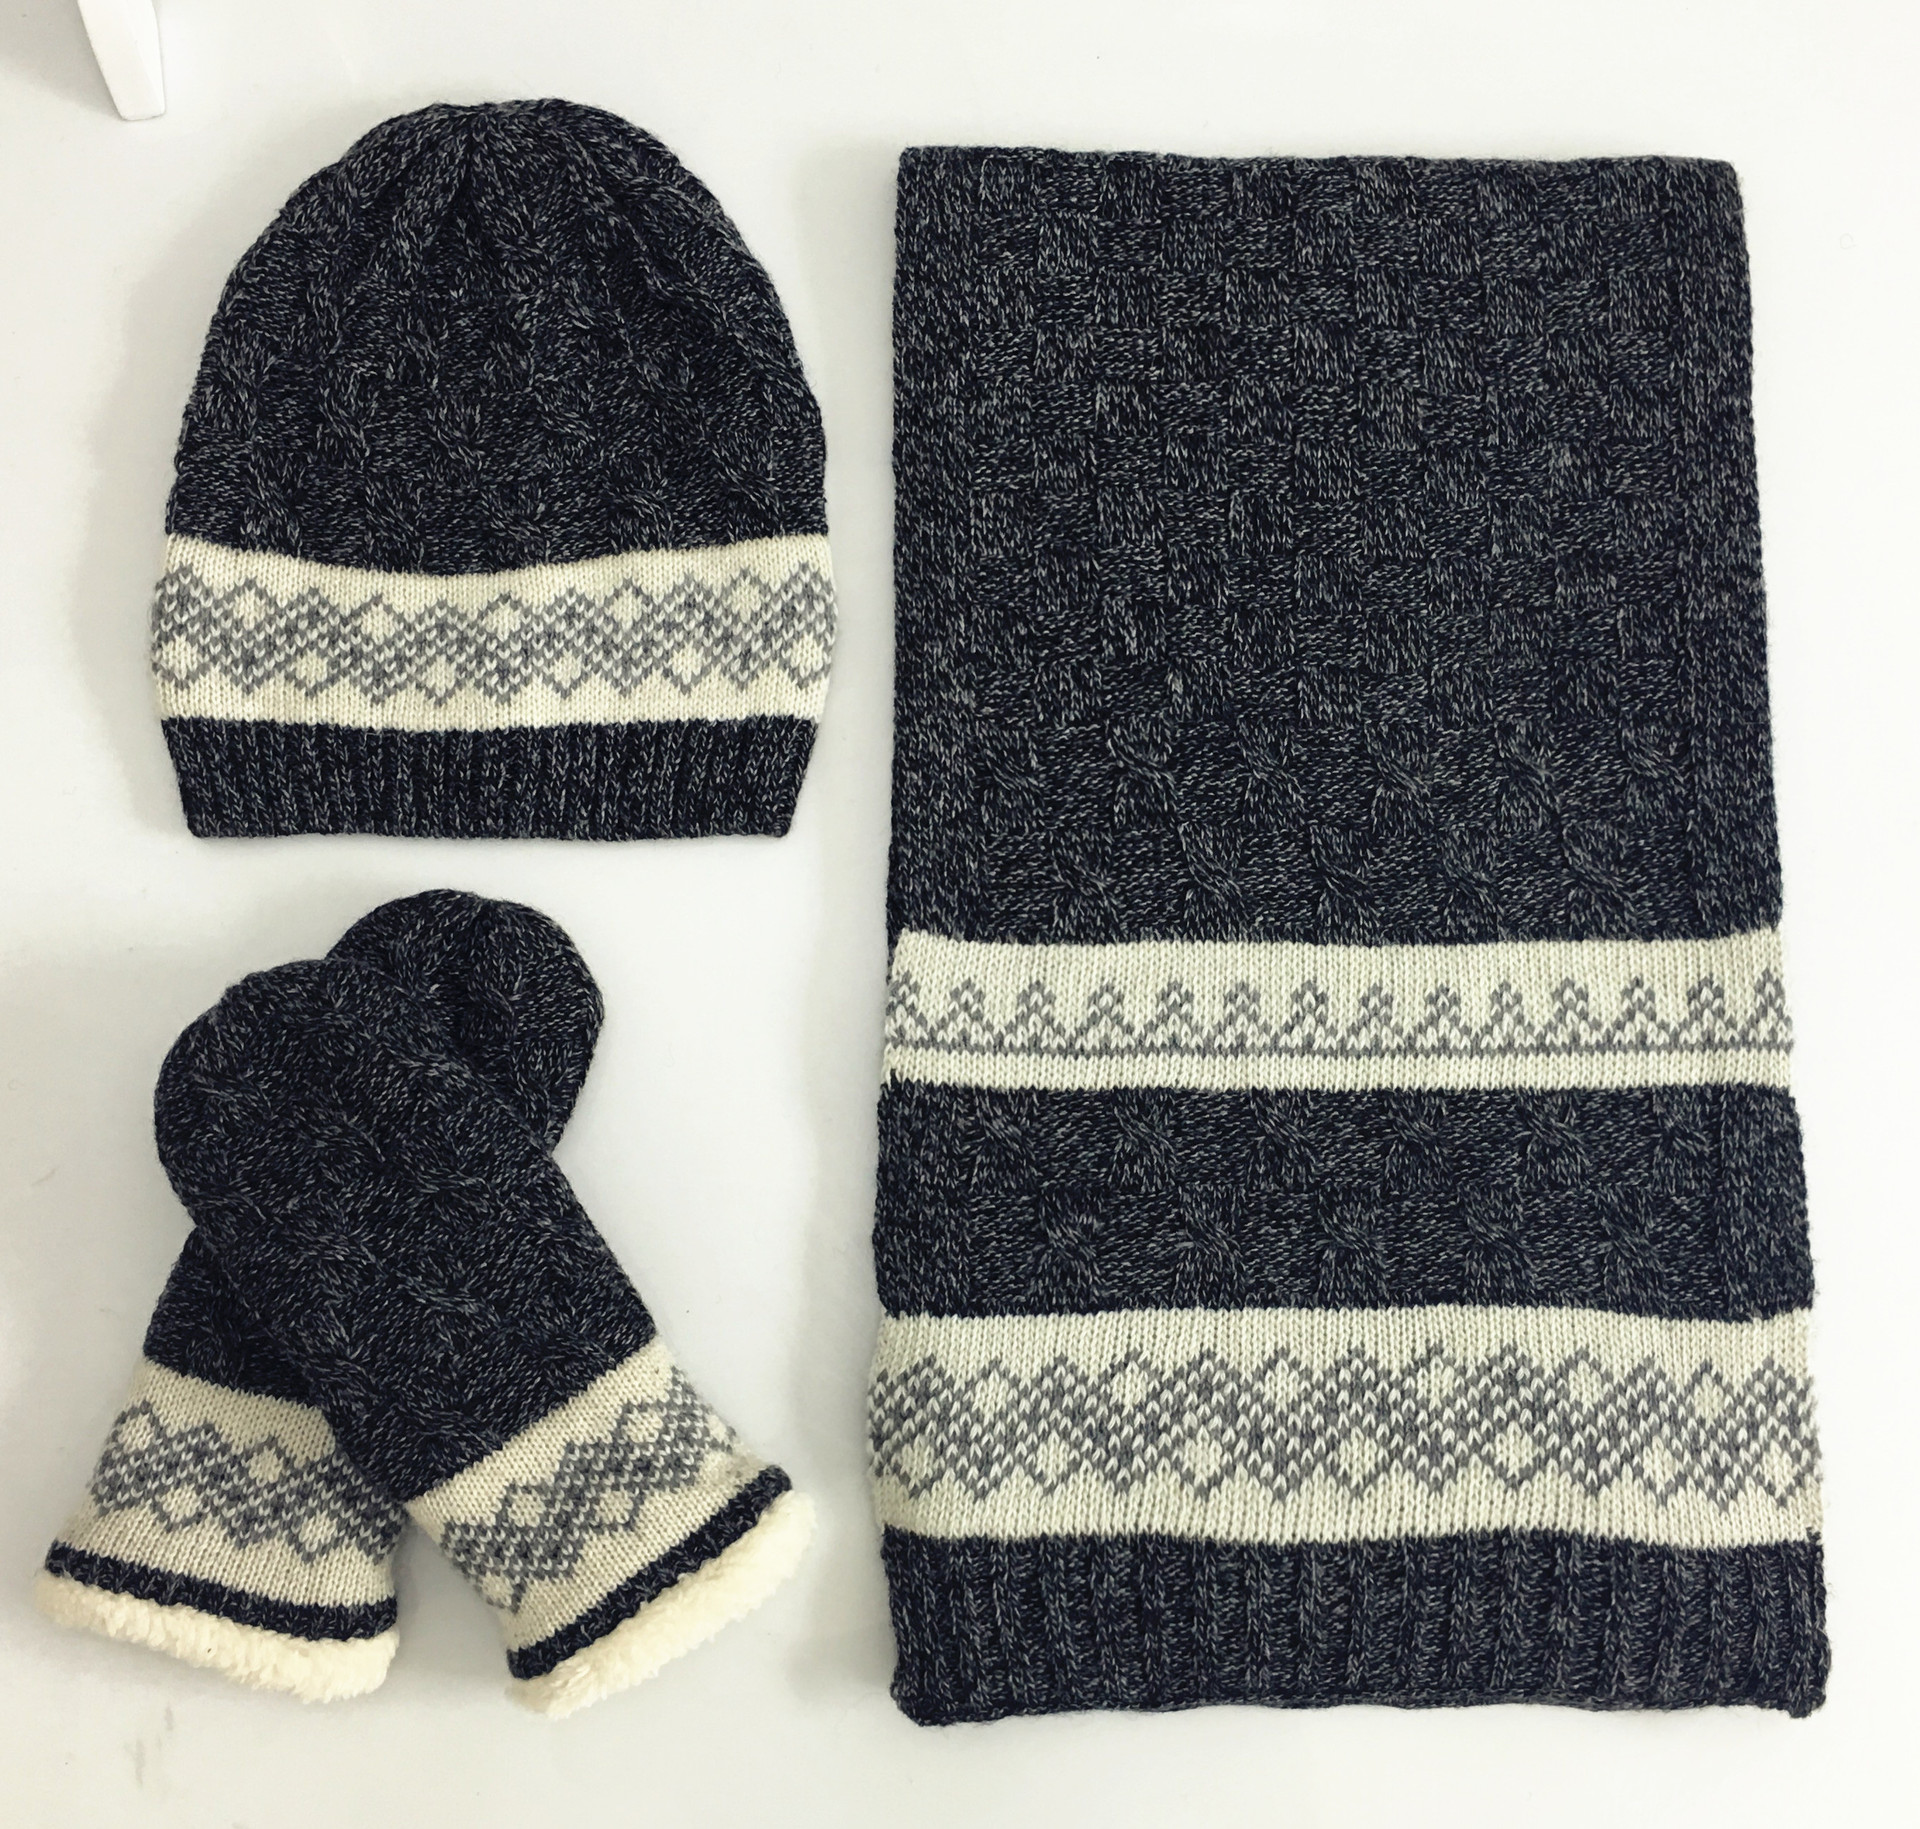 [해외]새로운 패션 니트 비니 플러스 두꺼운 벨벳 모자 스카프 장갑 세트 겨울 스카프 3 개 세트 남자 Beanies Gorros/New Fashion Knitted Beanie Plus thick velvet Hat Scarf Gloves Set Wiomen Wint